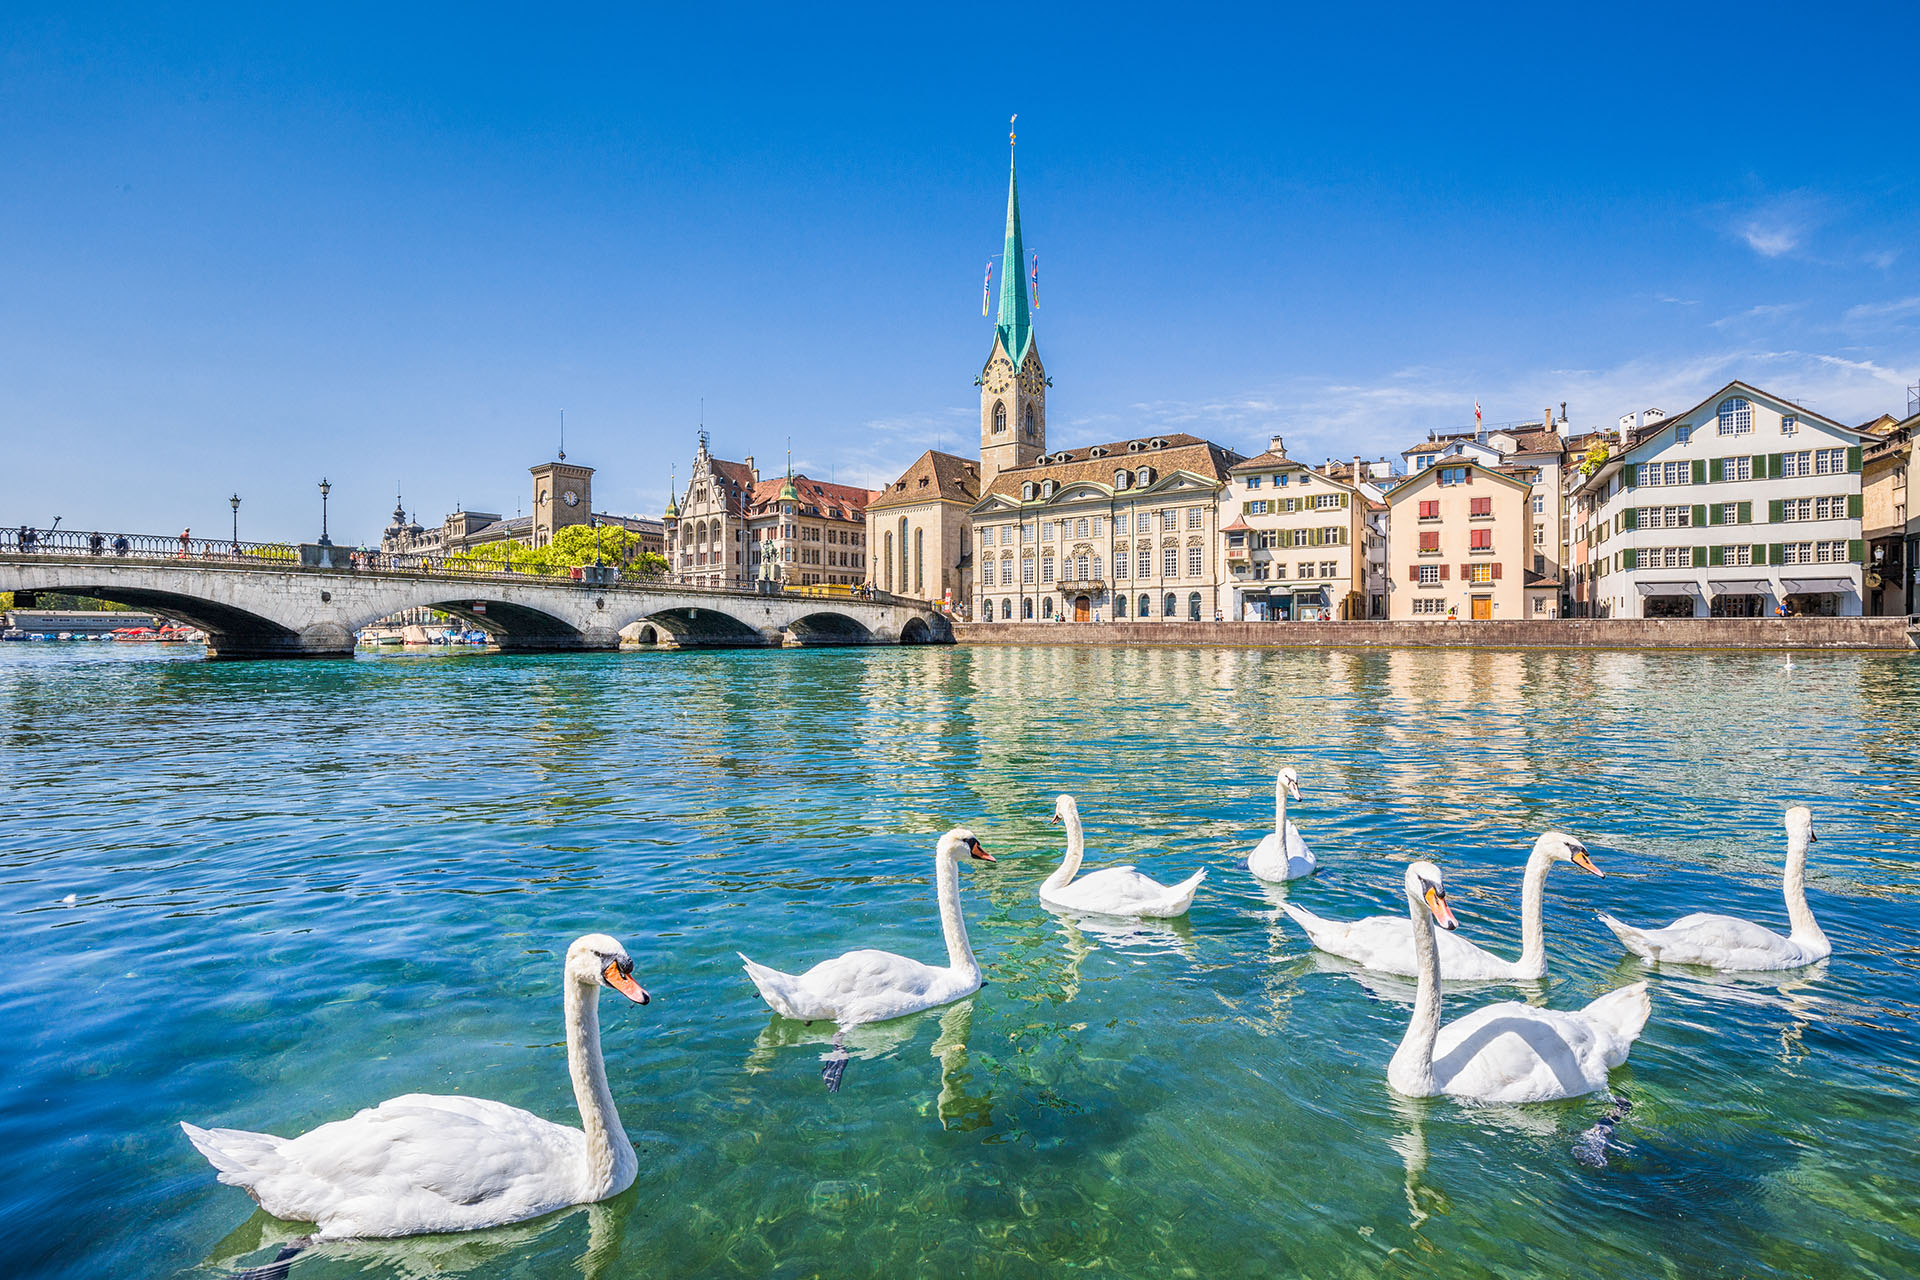 Está en el extremo norte del lago de Zúrich y es ideal para quienes quieran conocer la ciudad mirando y paseando con botes observando las famosas estatuas, casas hasta llegar a los Alpes suizos